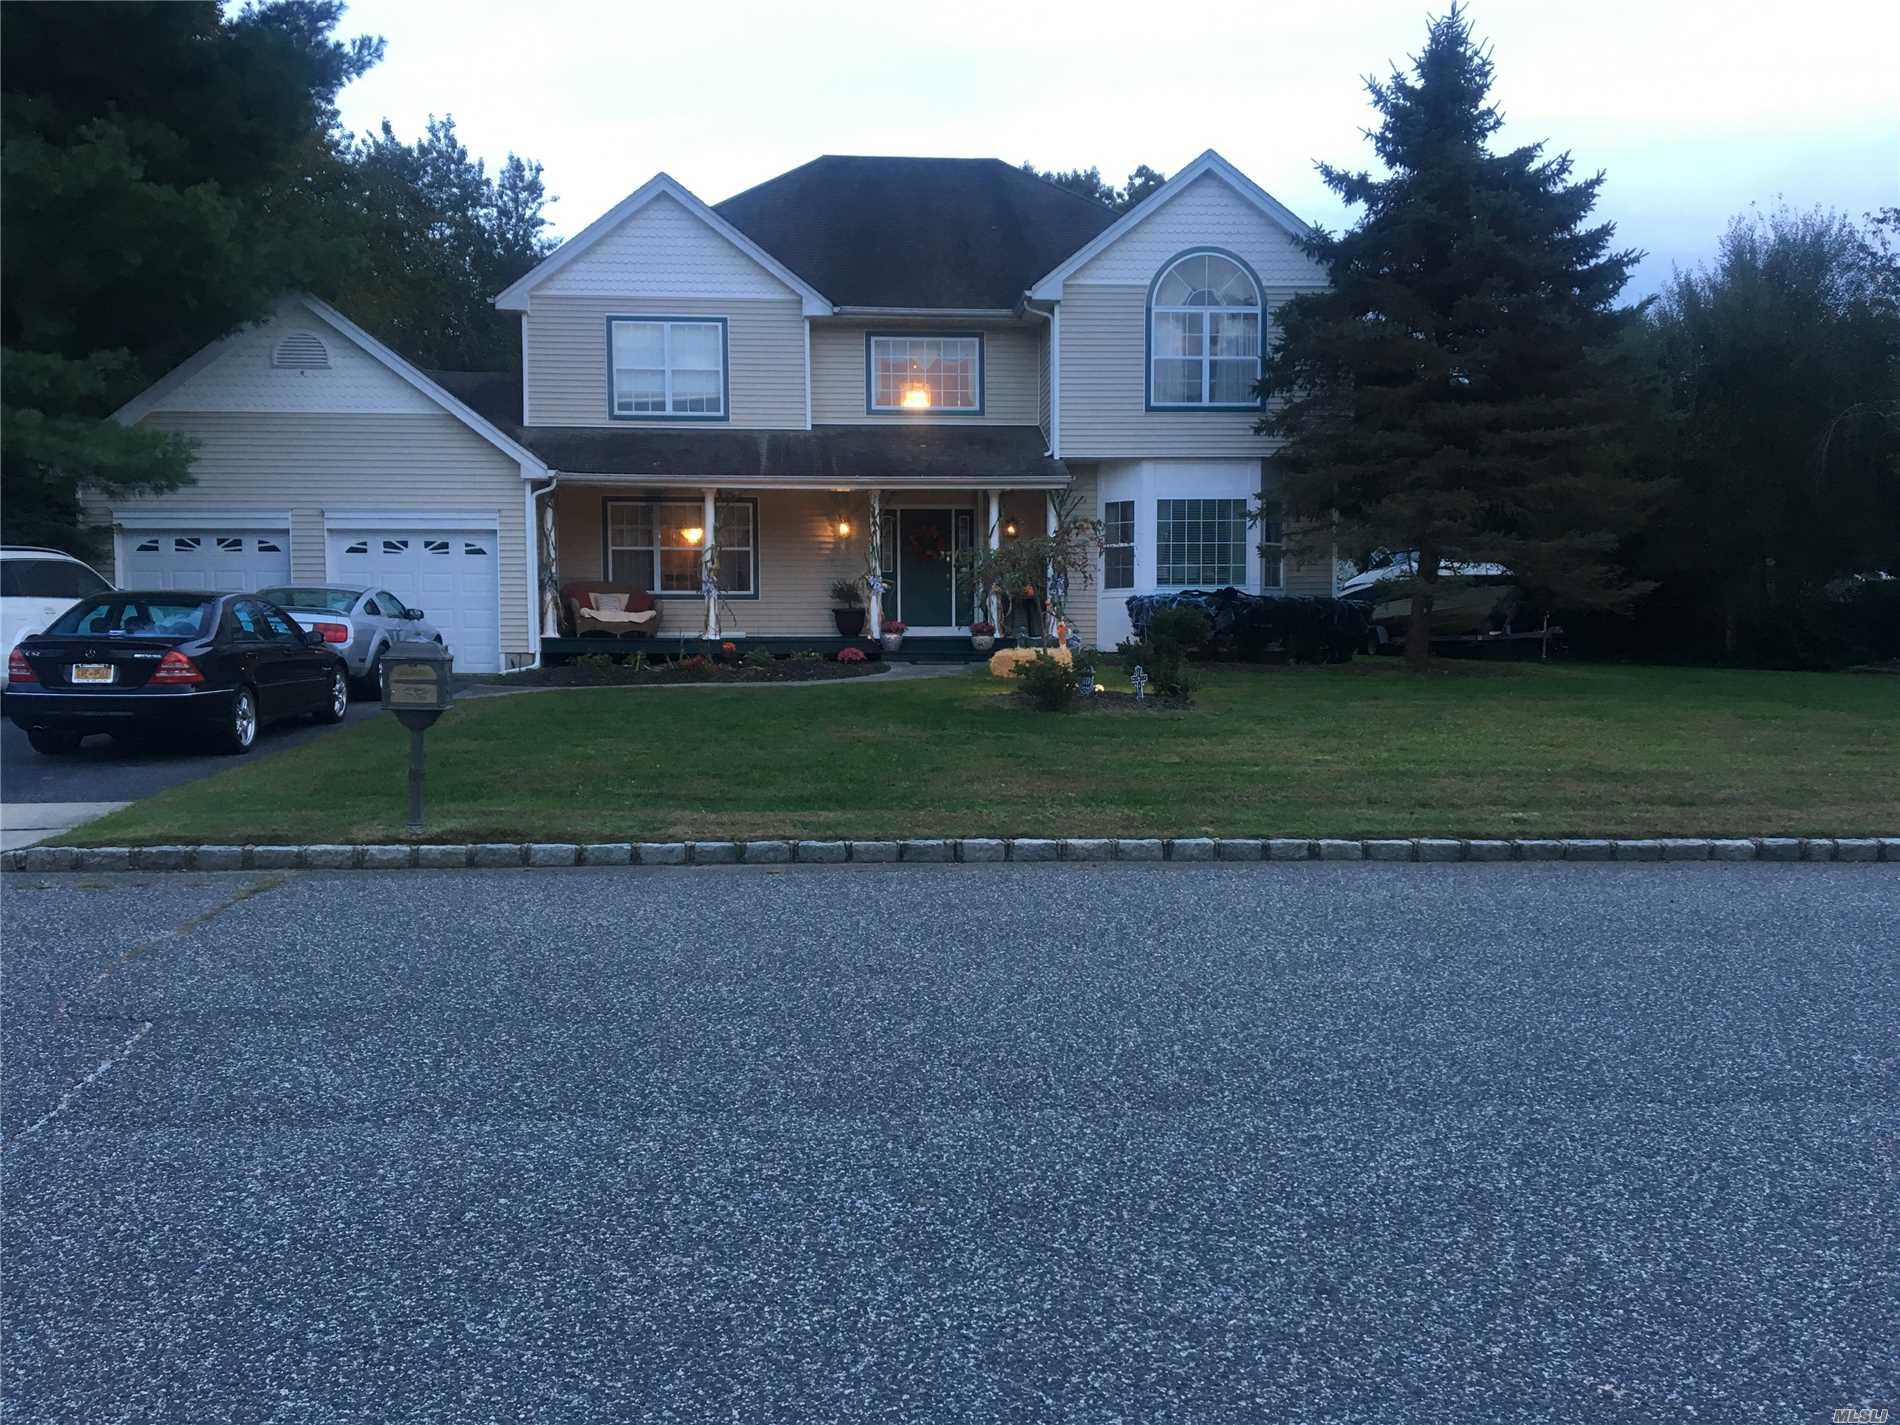 Photo of home for sale at 27 Mark Twain Ln, East Setauket NY